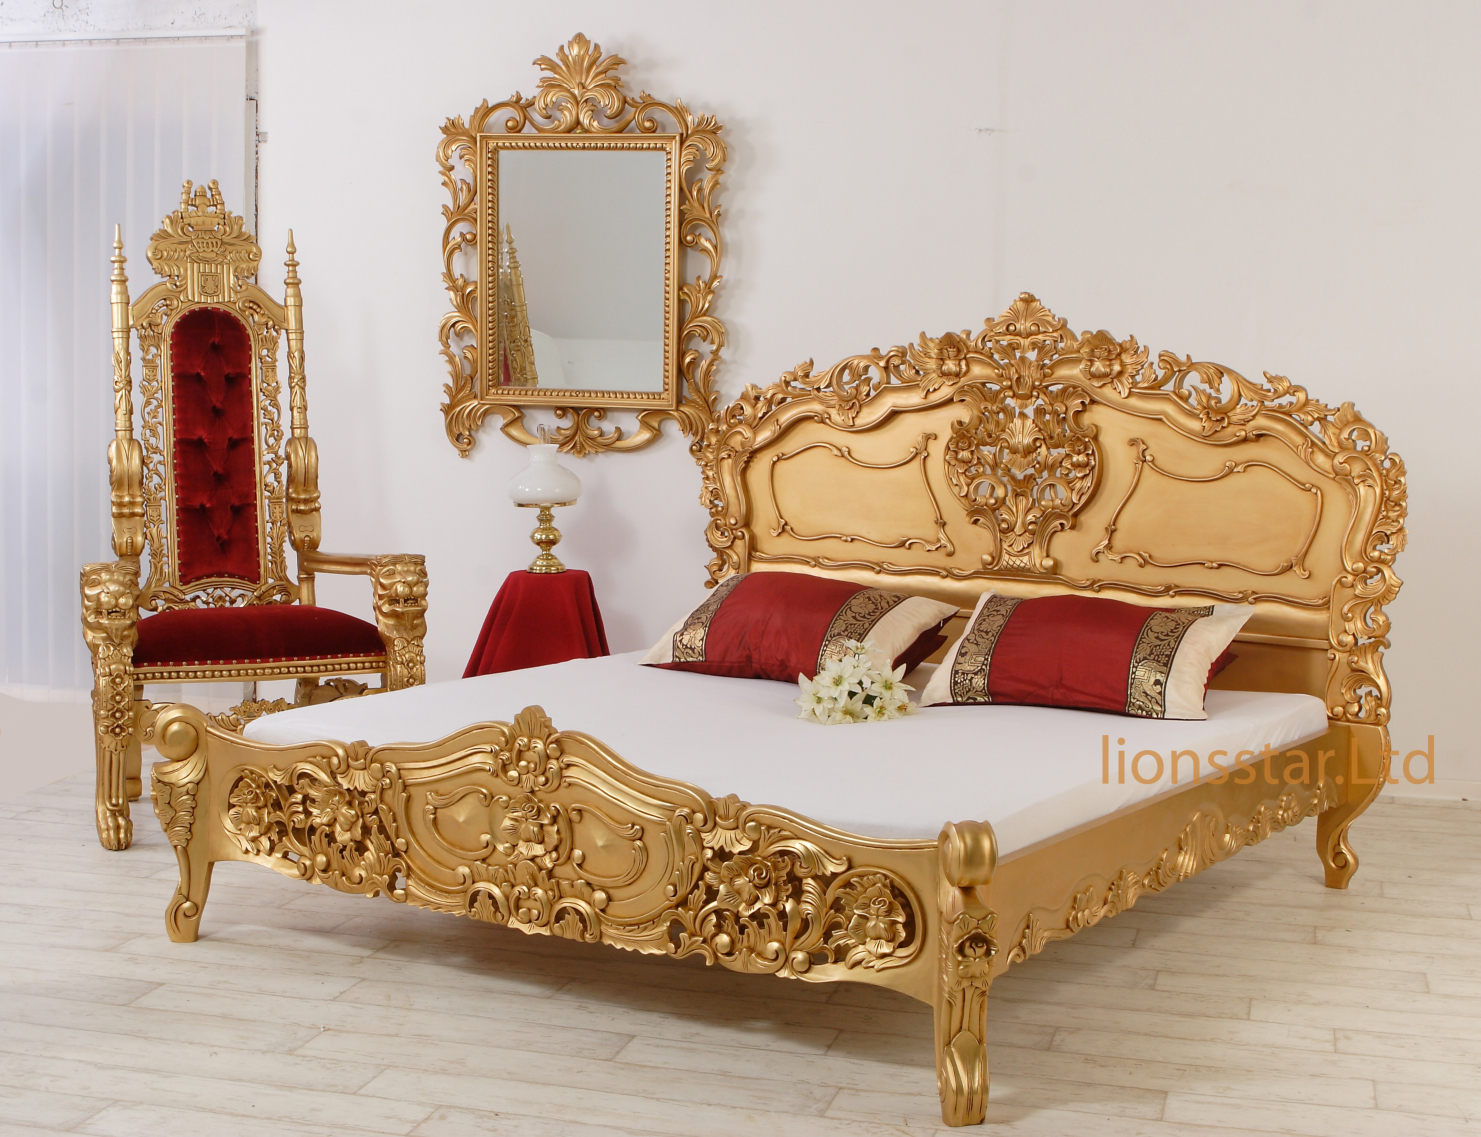 Rokoko Bett Kolonialstil Gold